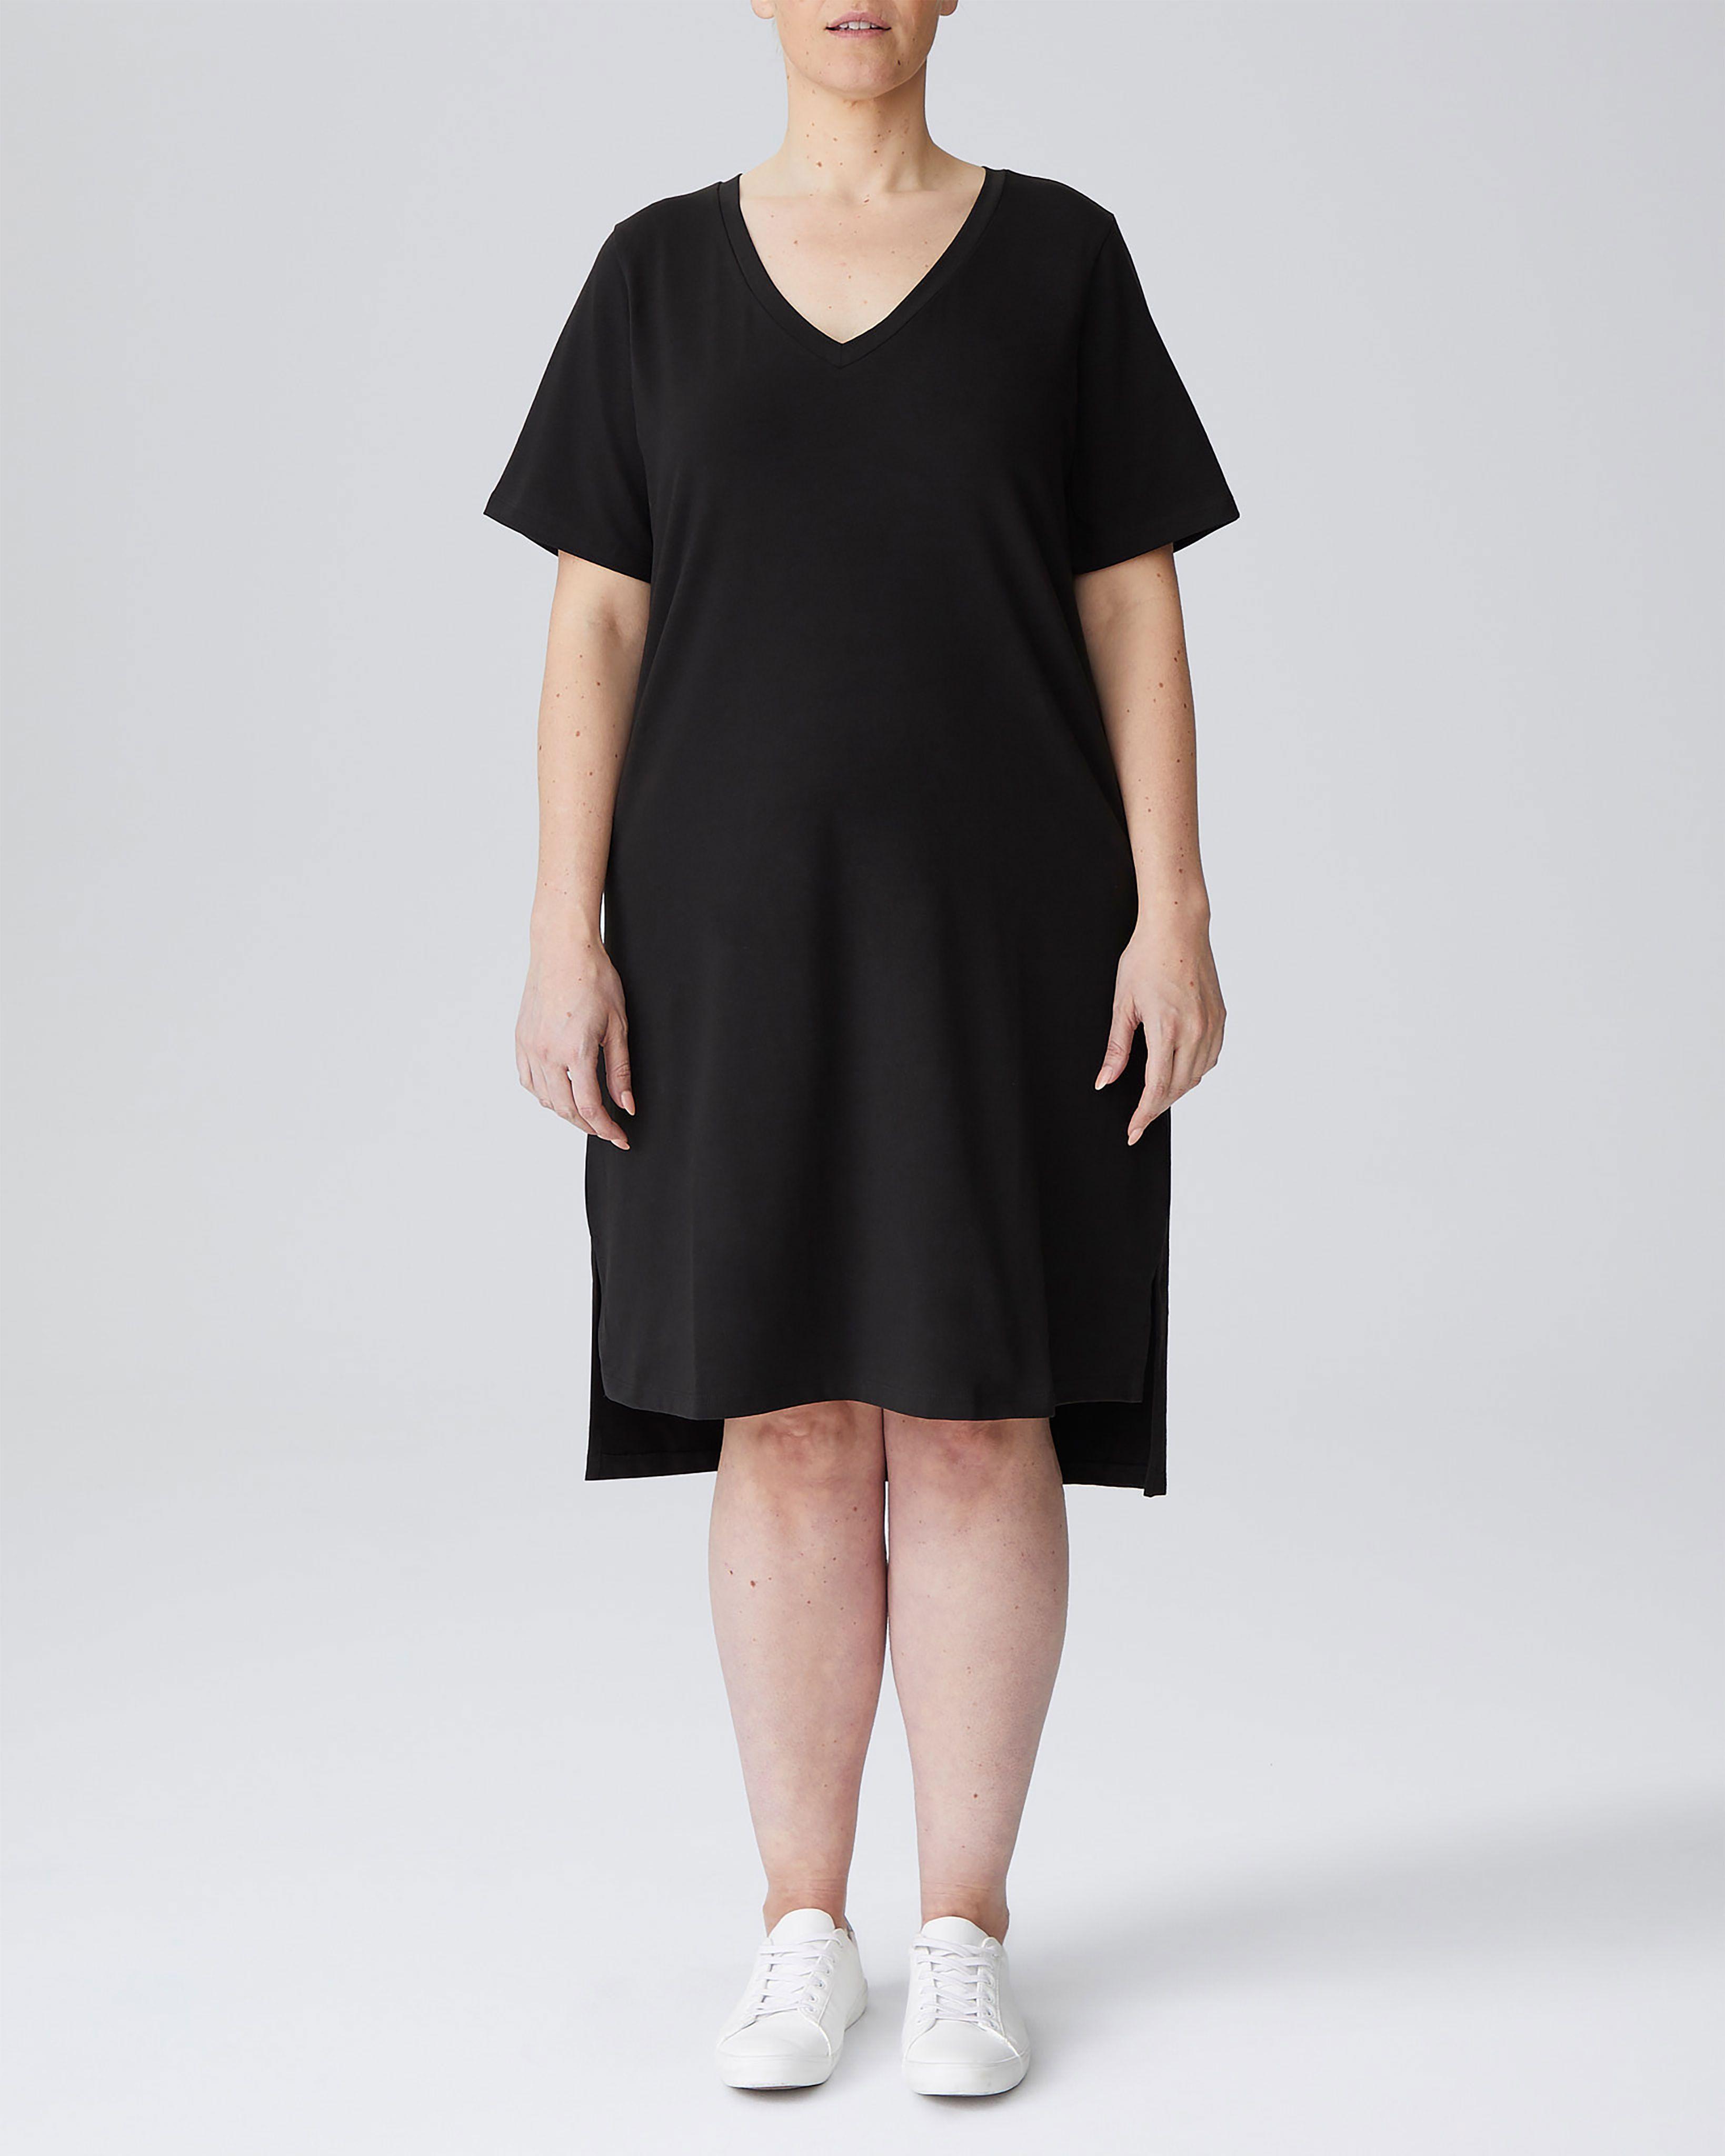 Tesino Washed Jersey Dress - Olive